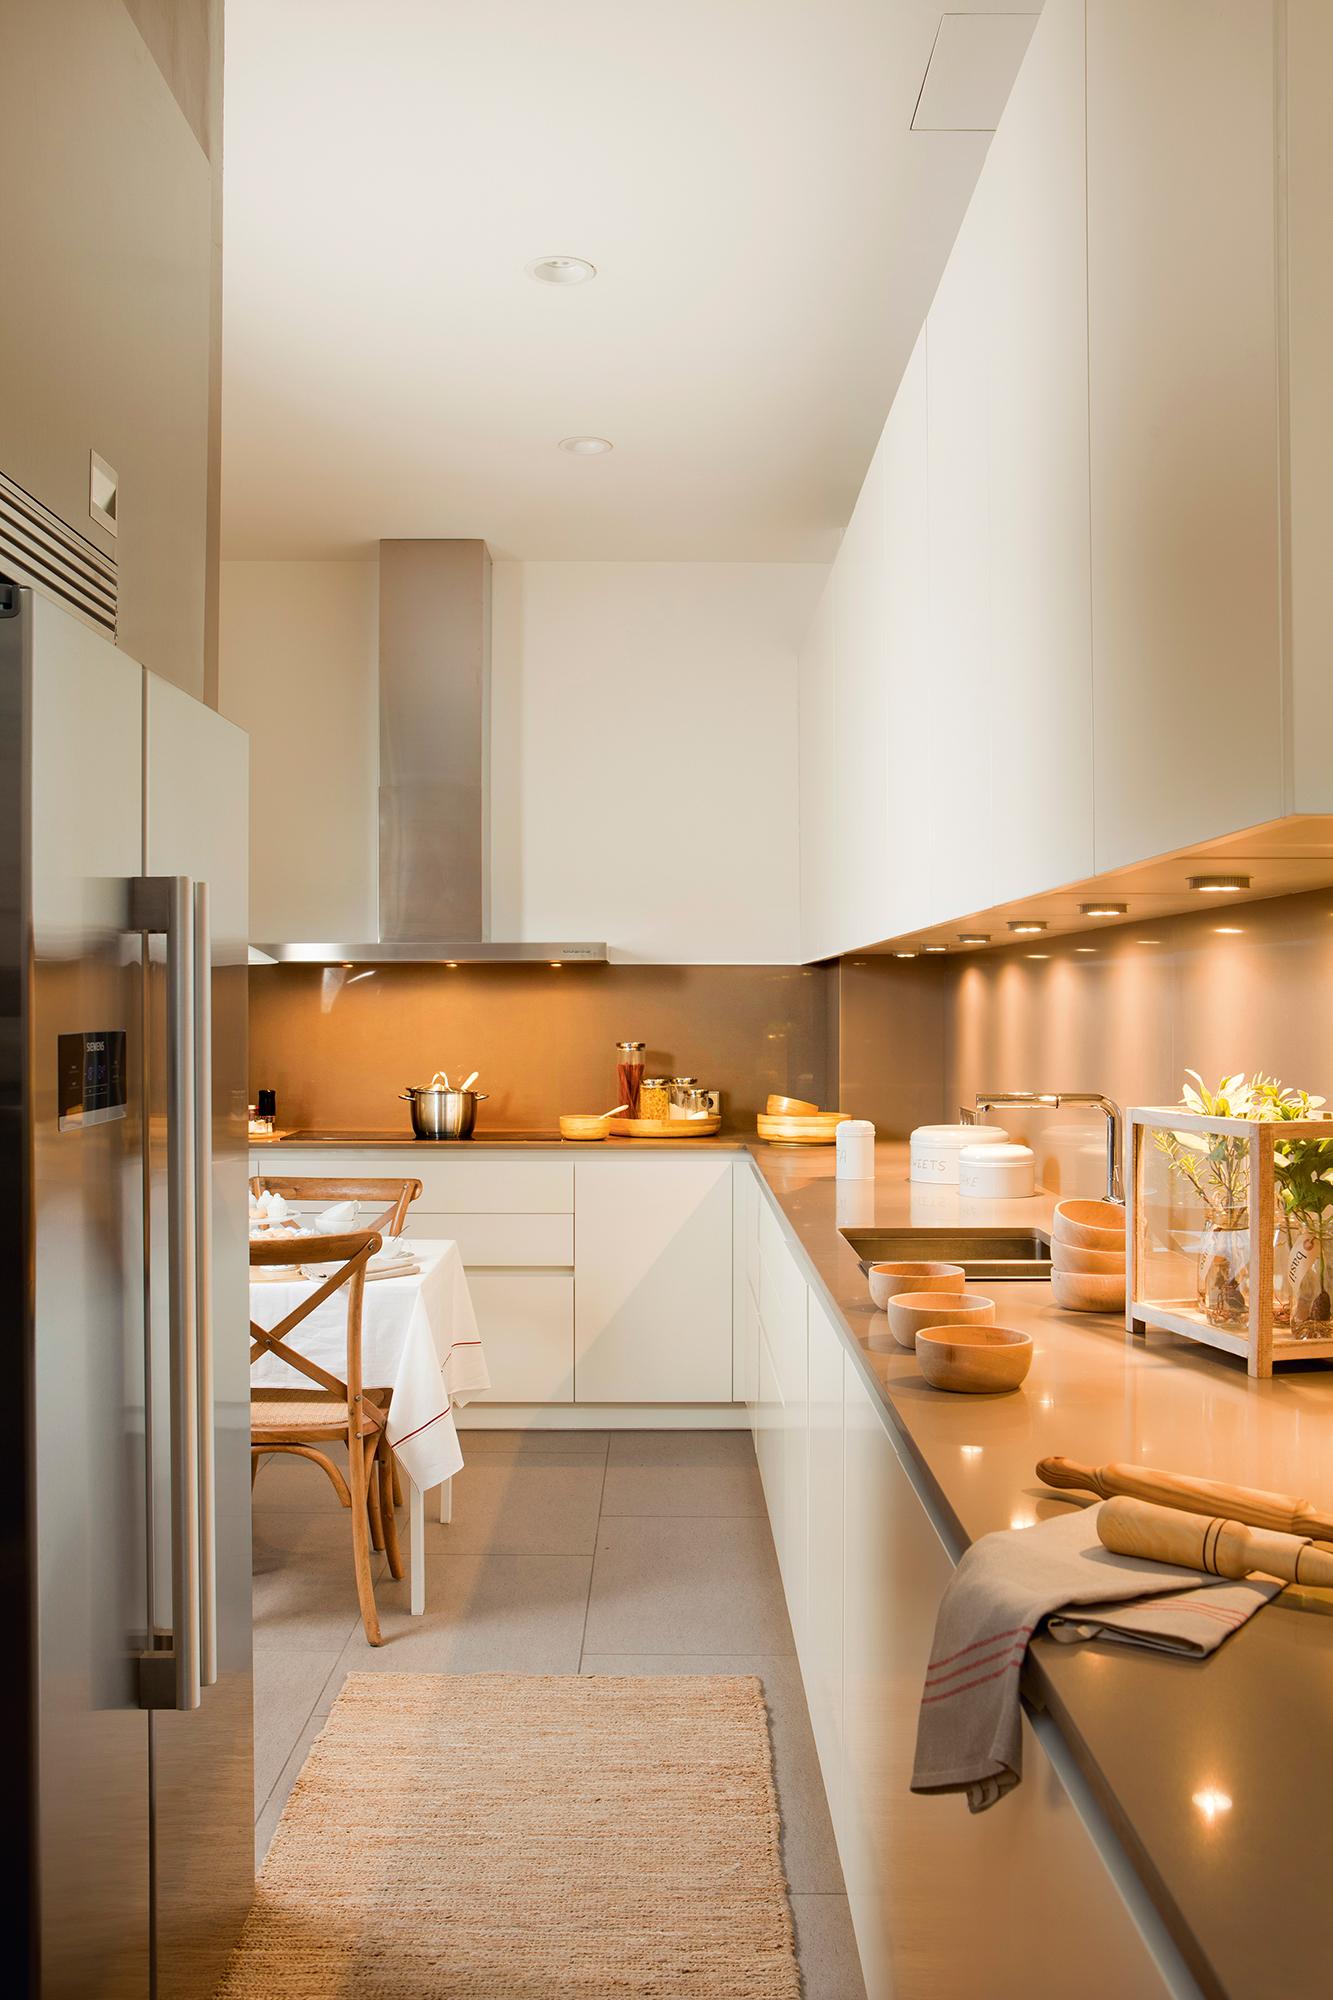 Downlight cuadrado cocina latest downlight cocina best of downlight led redondo w color blanco - Downlight cocina ...